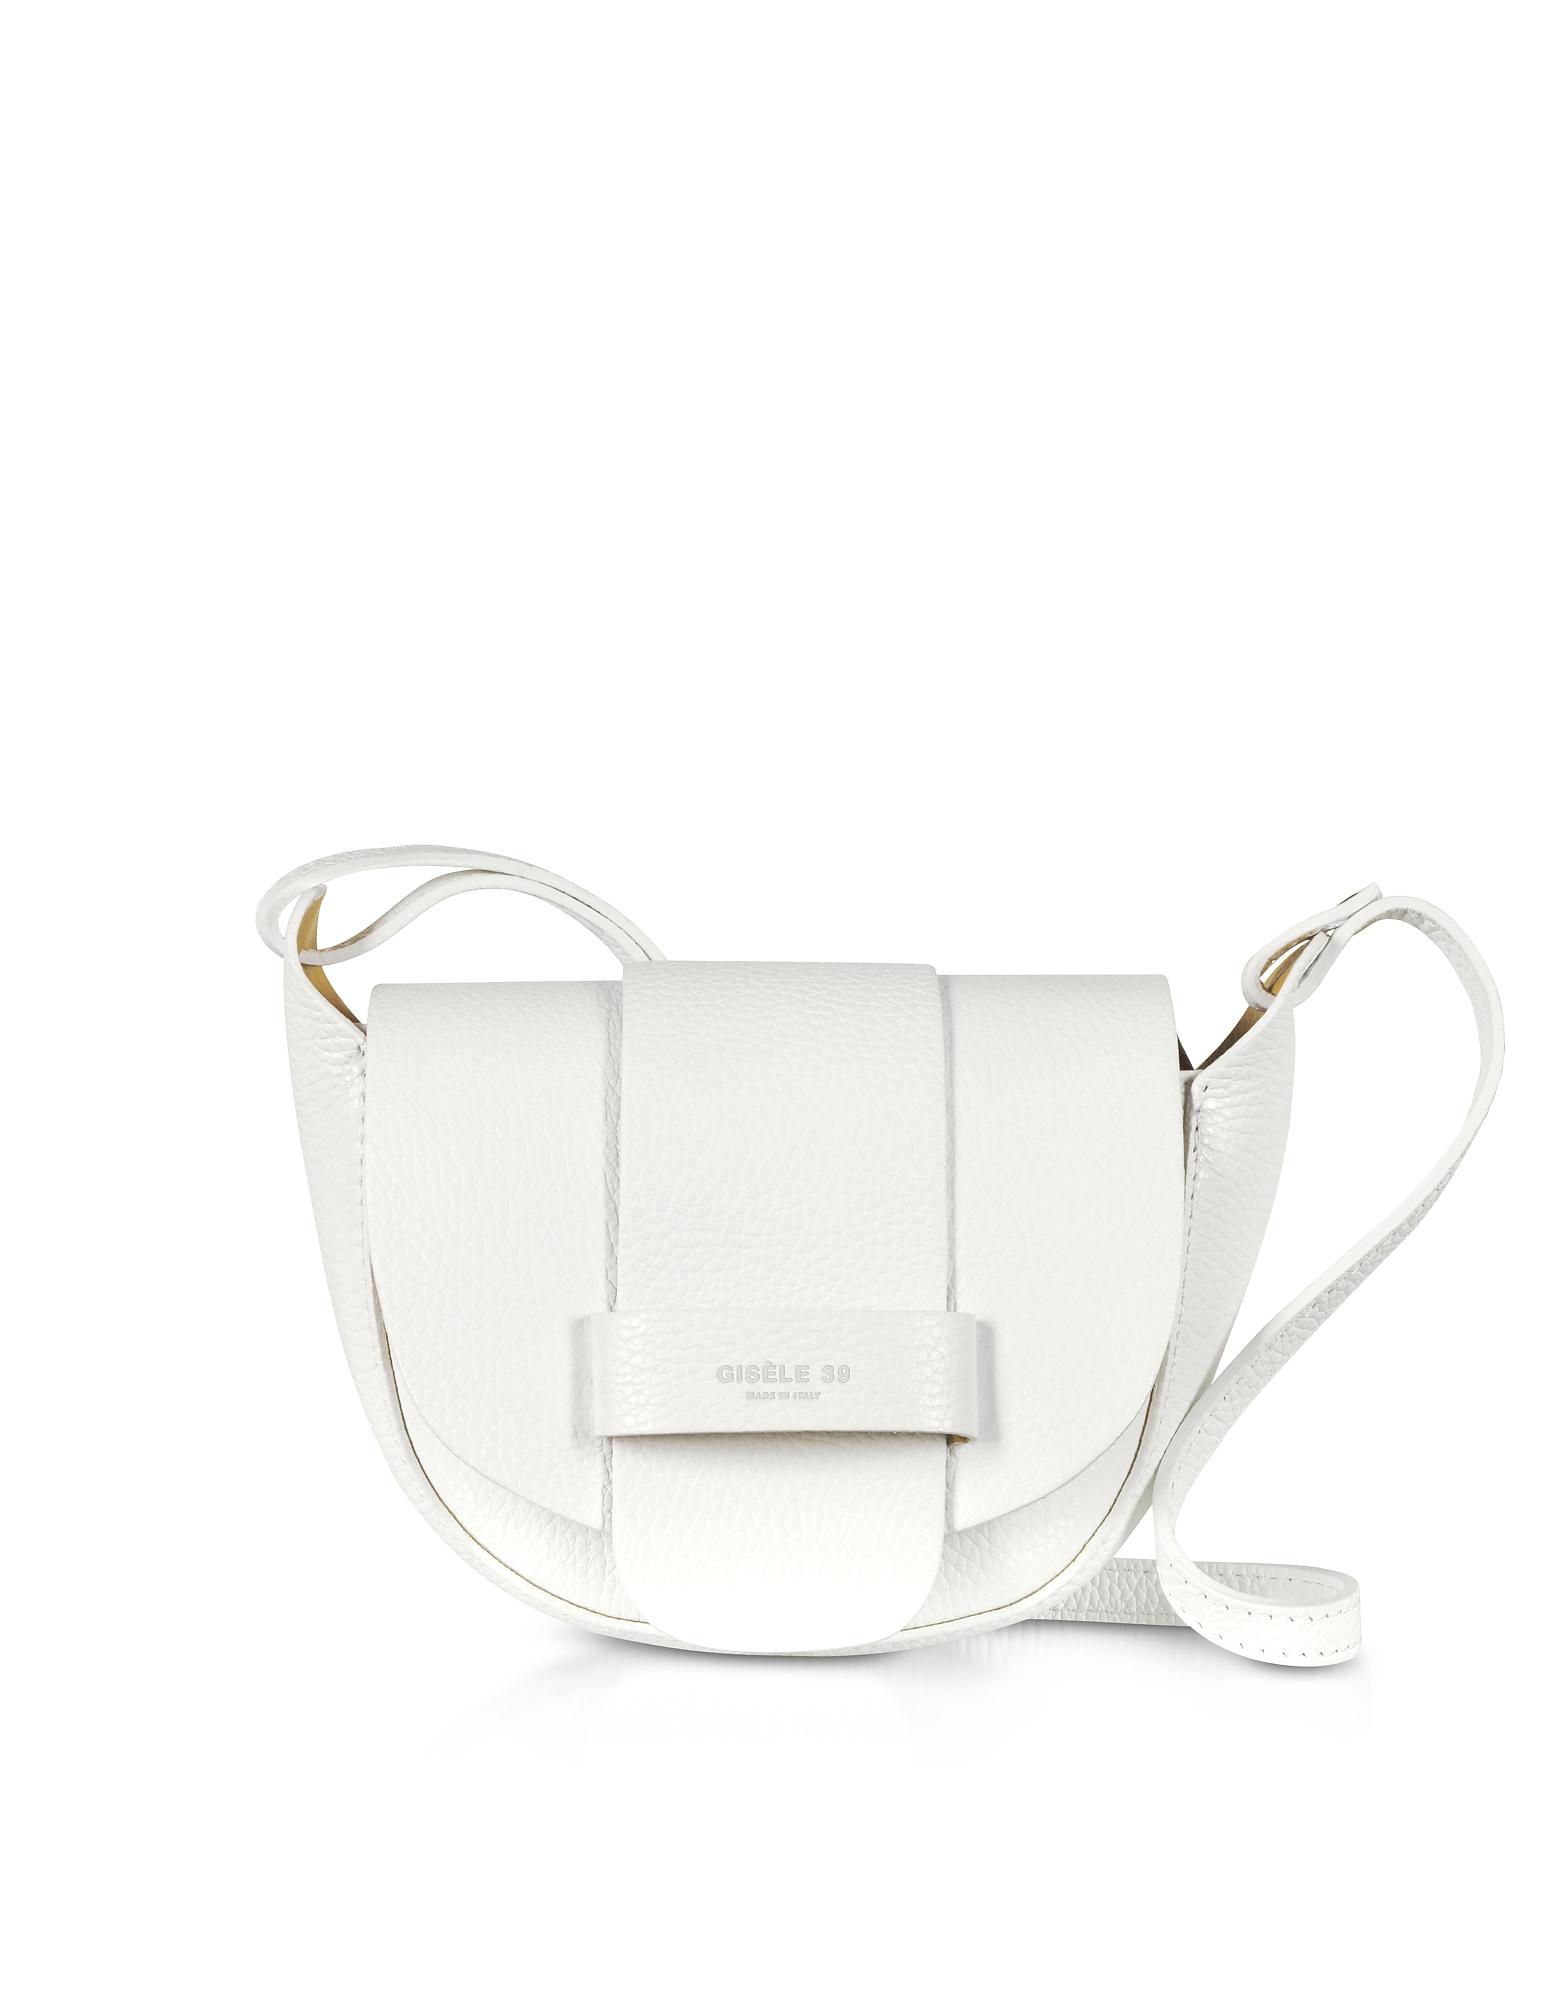 Gisèle 39 Designer Handbags, Carlotta Grainy Soft Leather Shoulder Bag